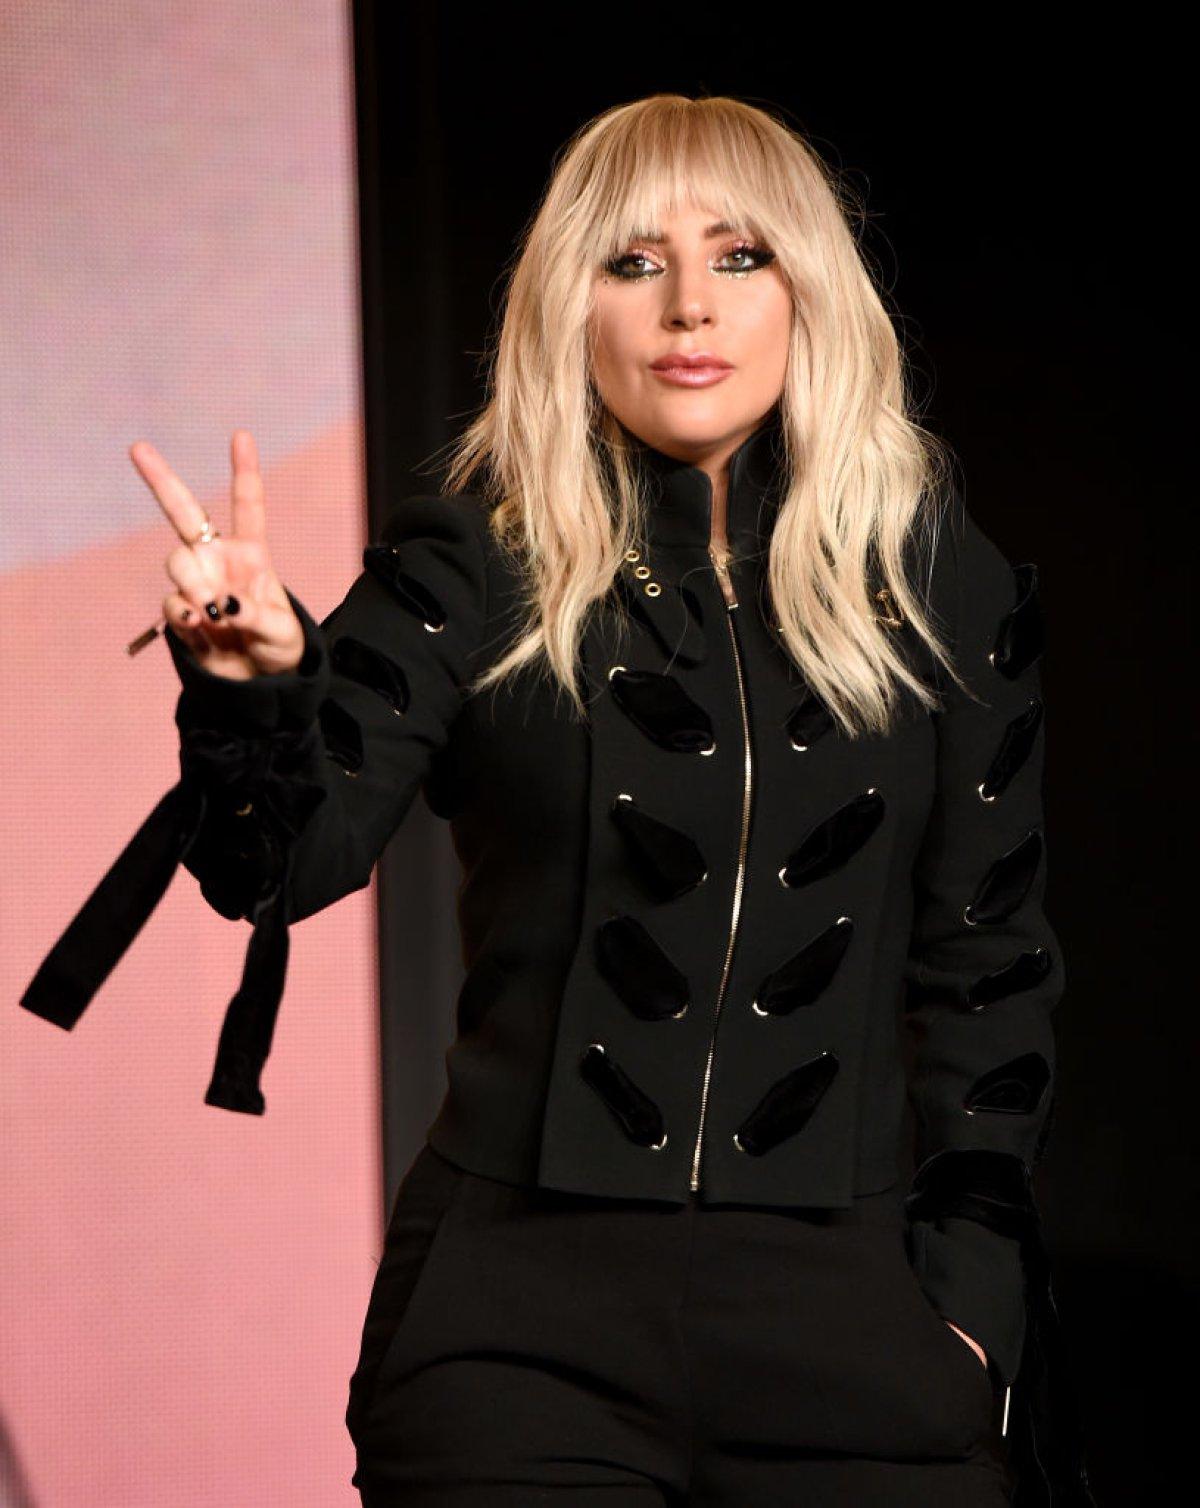 Lady Gaga enamora con estas fotos en vestido de baño